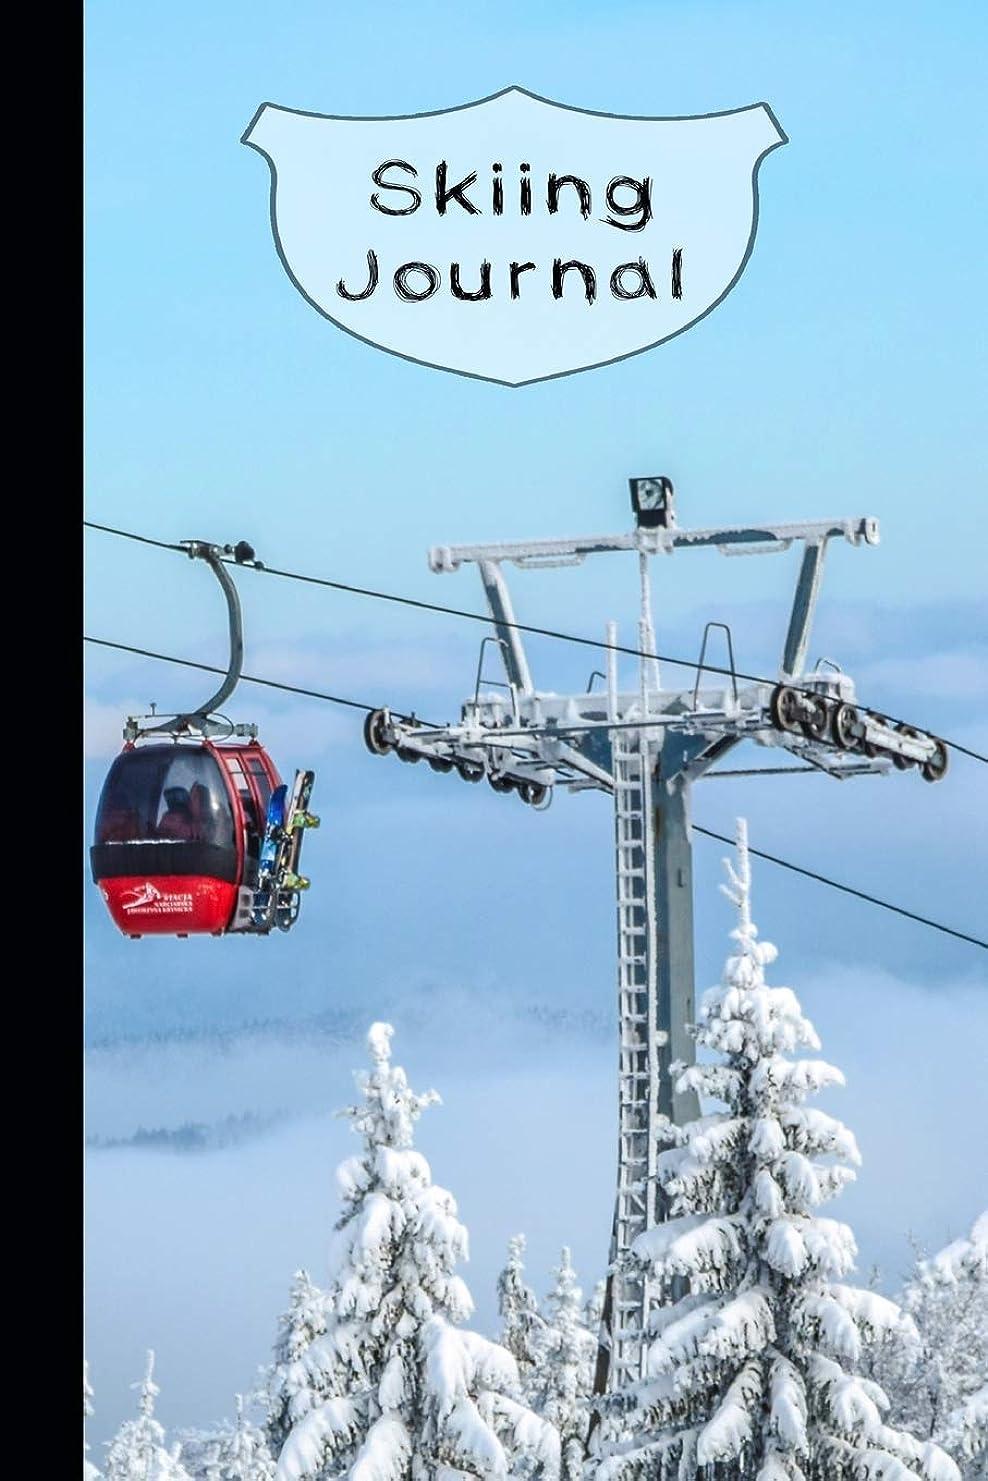 クモ強制異邦人Skiing Journal: The compact journaling notebook for keeping track of all your snow adventures and ski activity - Ski gondola